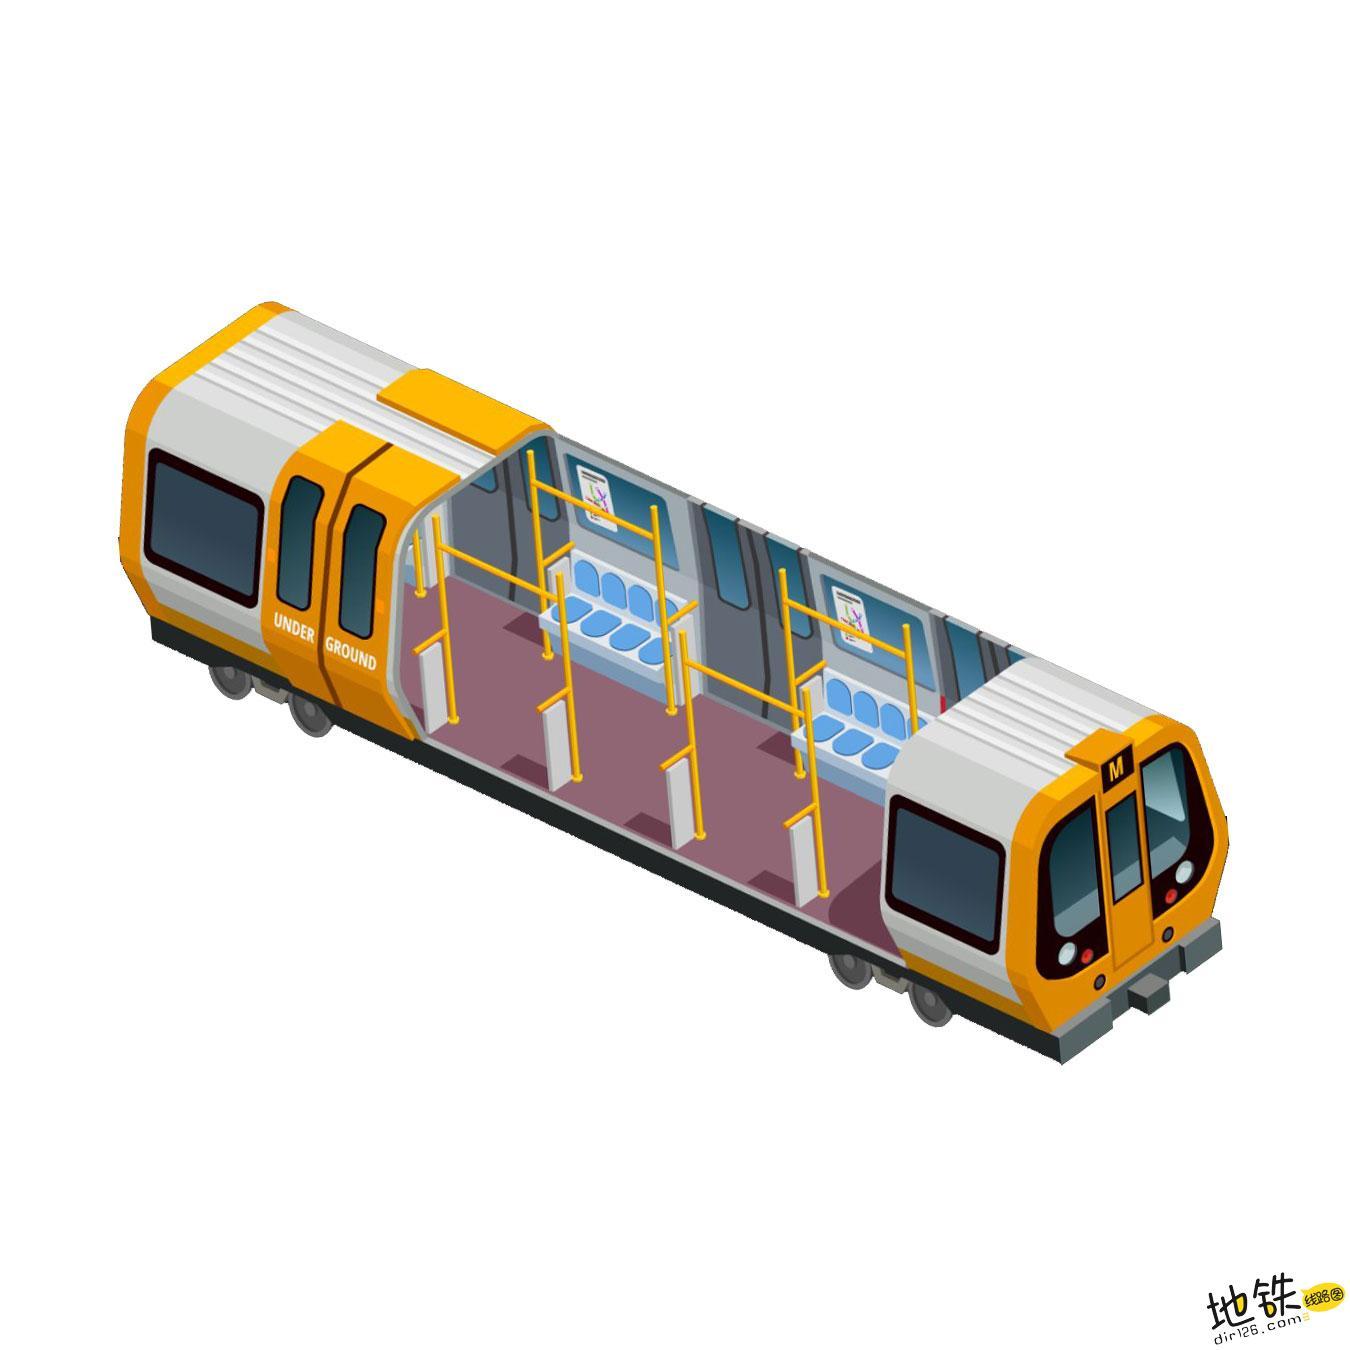 浅析轨道交通地铁列车的基本构造 构造 车辆 列车 轨道交通 地铁 轨道知识  第1张